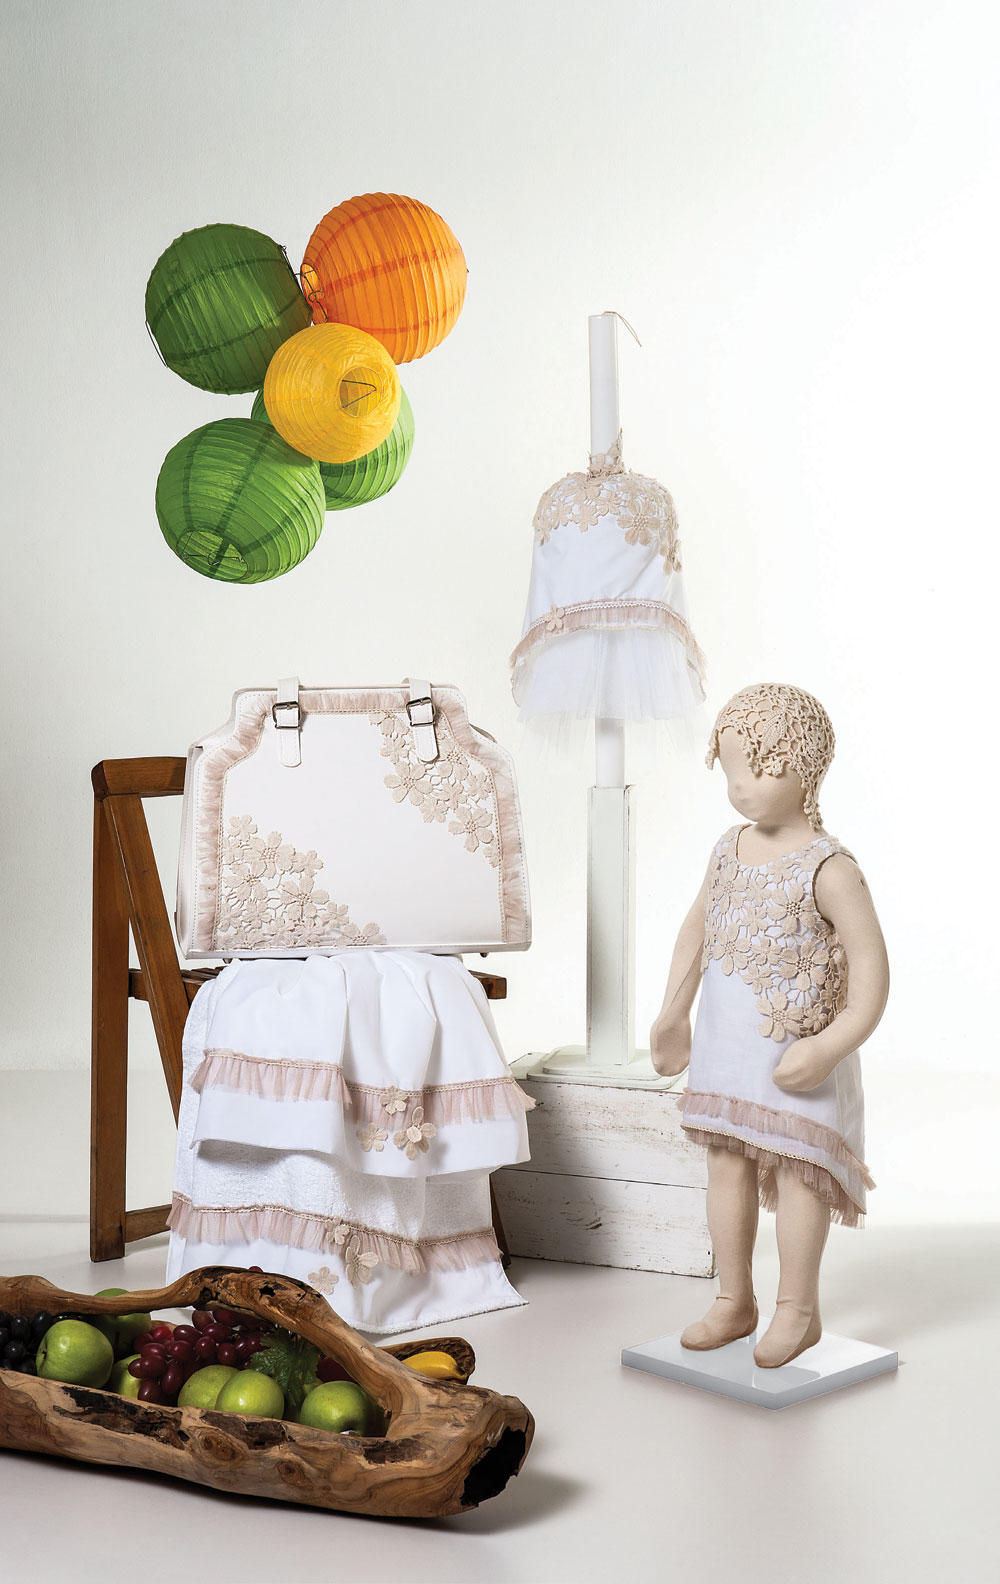 1403 - φορεματάκι λευκό λινό με μπεζ κιπούρ δαντέλα